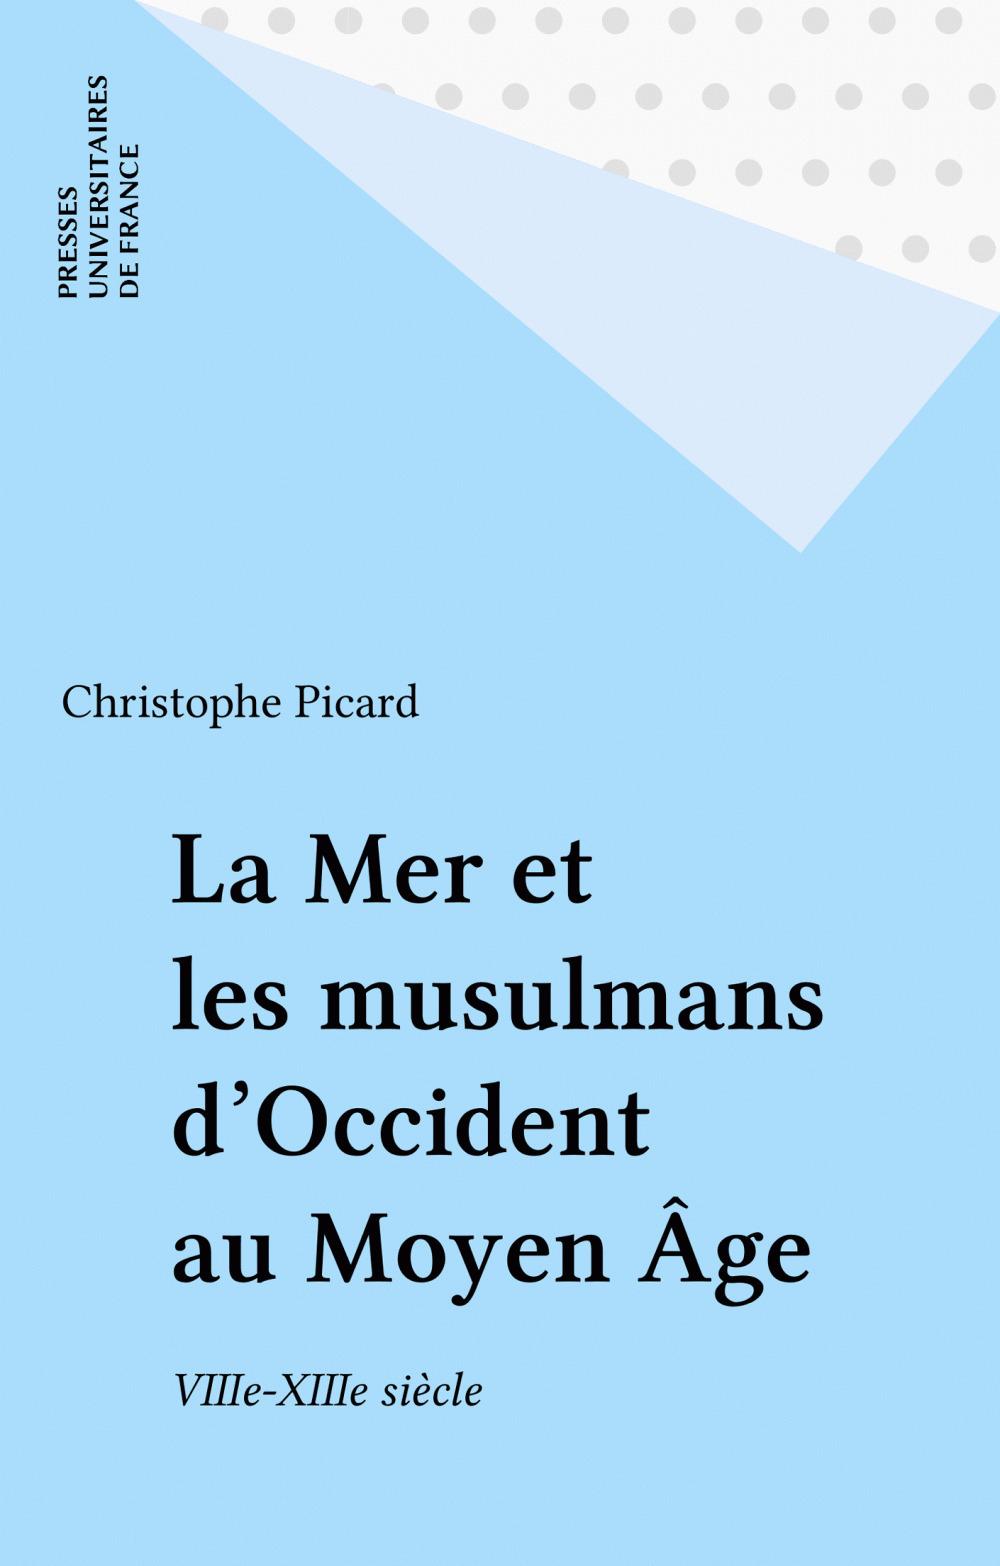 La Mer et les musulmans d'Occident au Moyen Âge